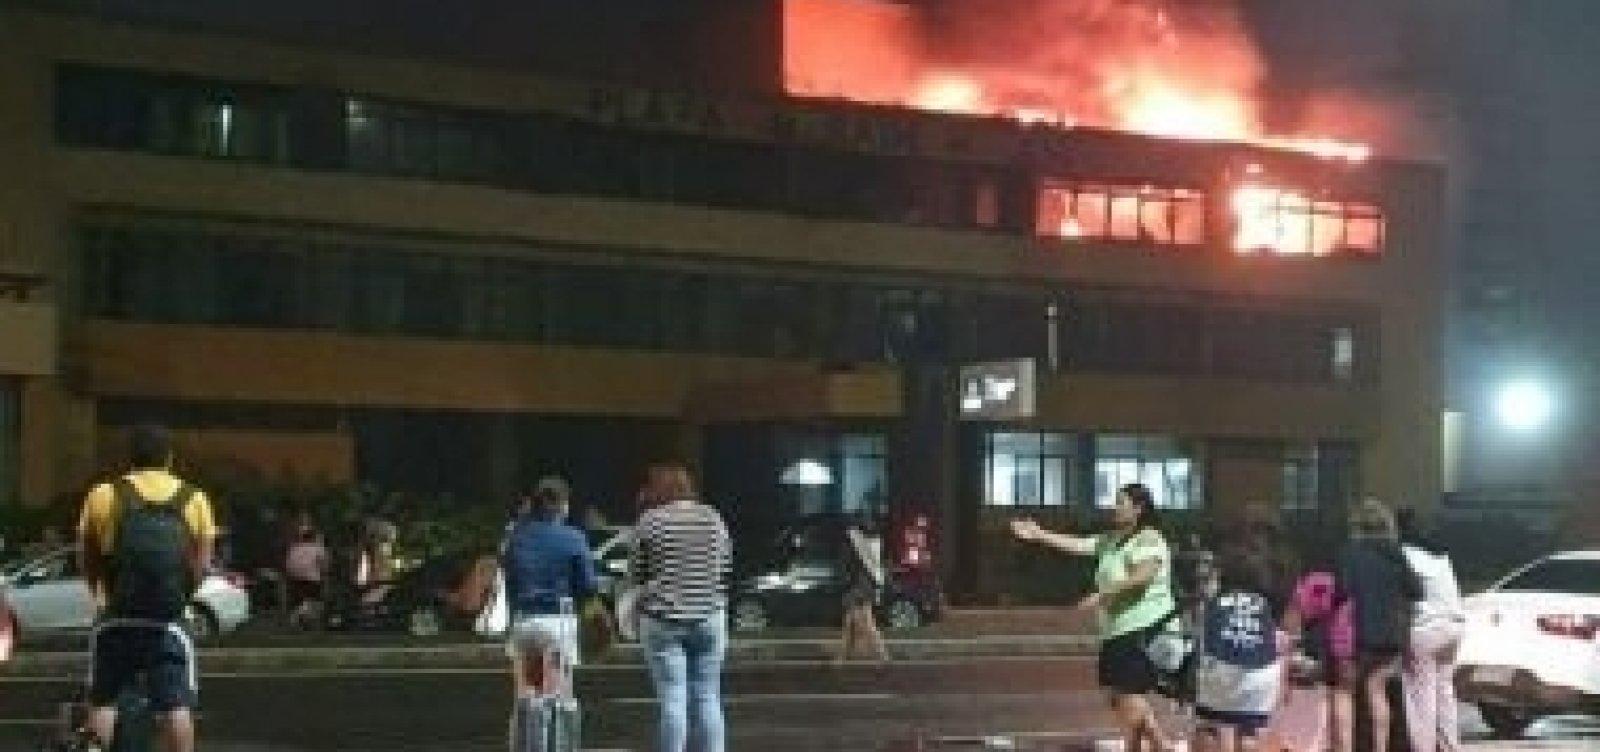 Hotel em Armação pega fogo e seis pessoas são socorridas